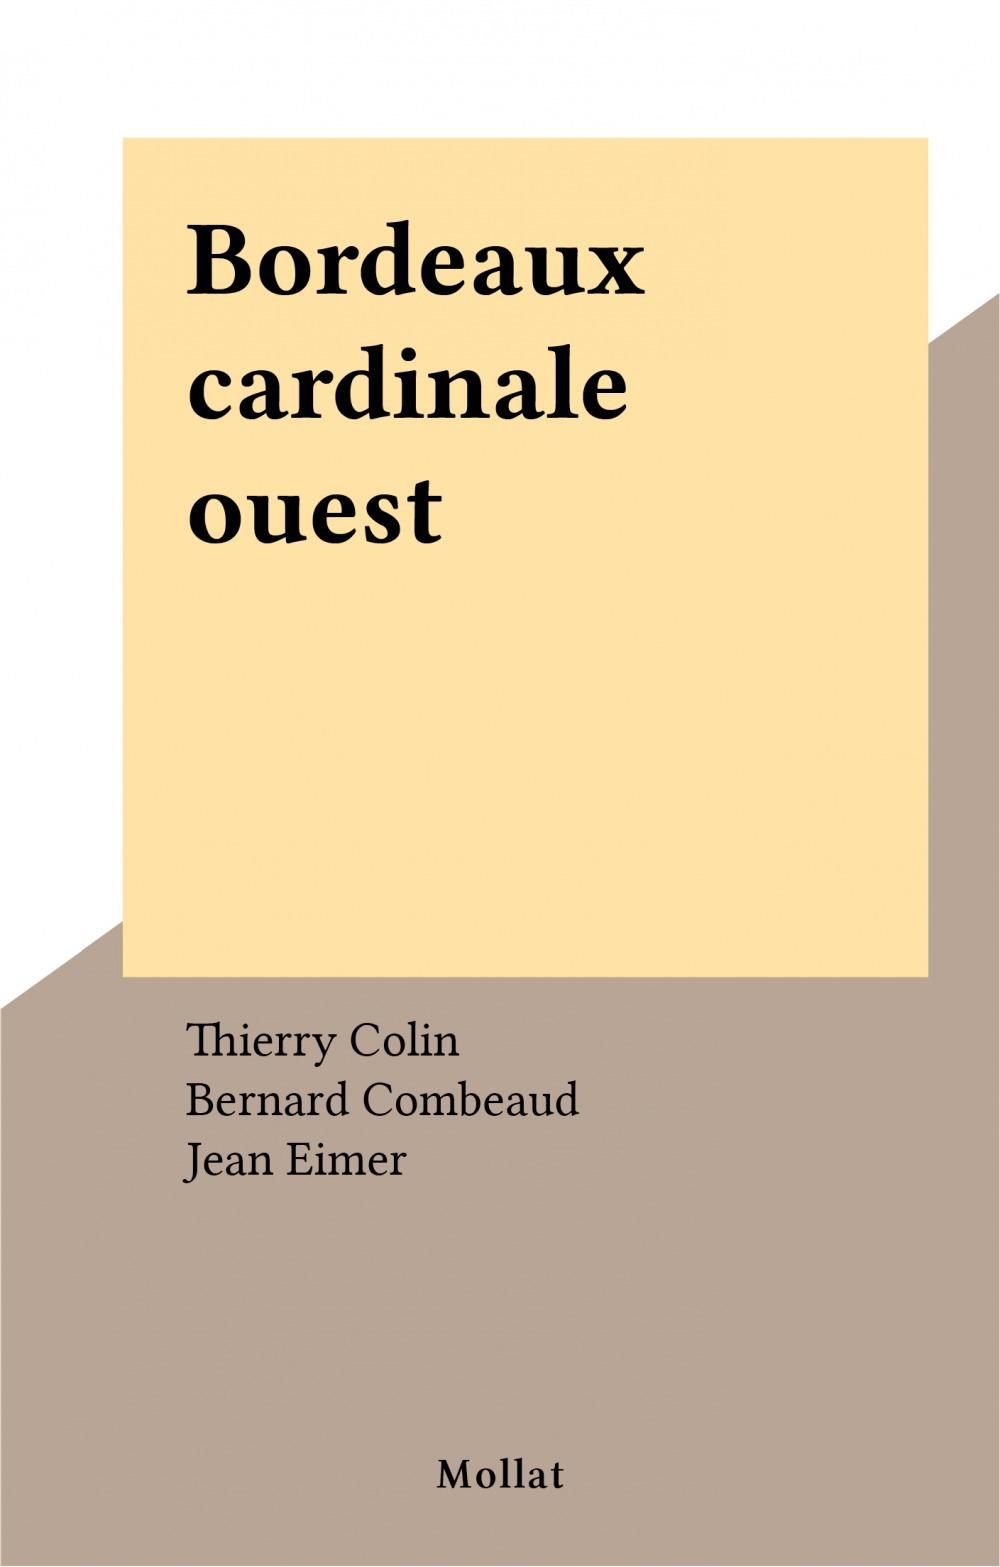 Bordeaux cardinale ouest